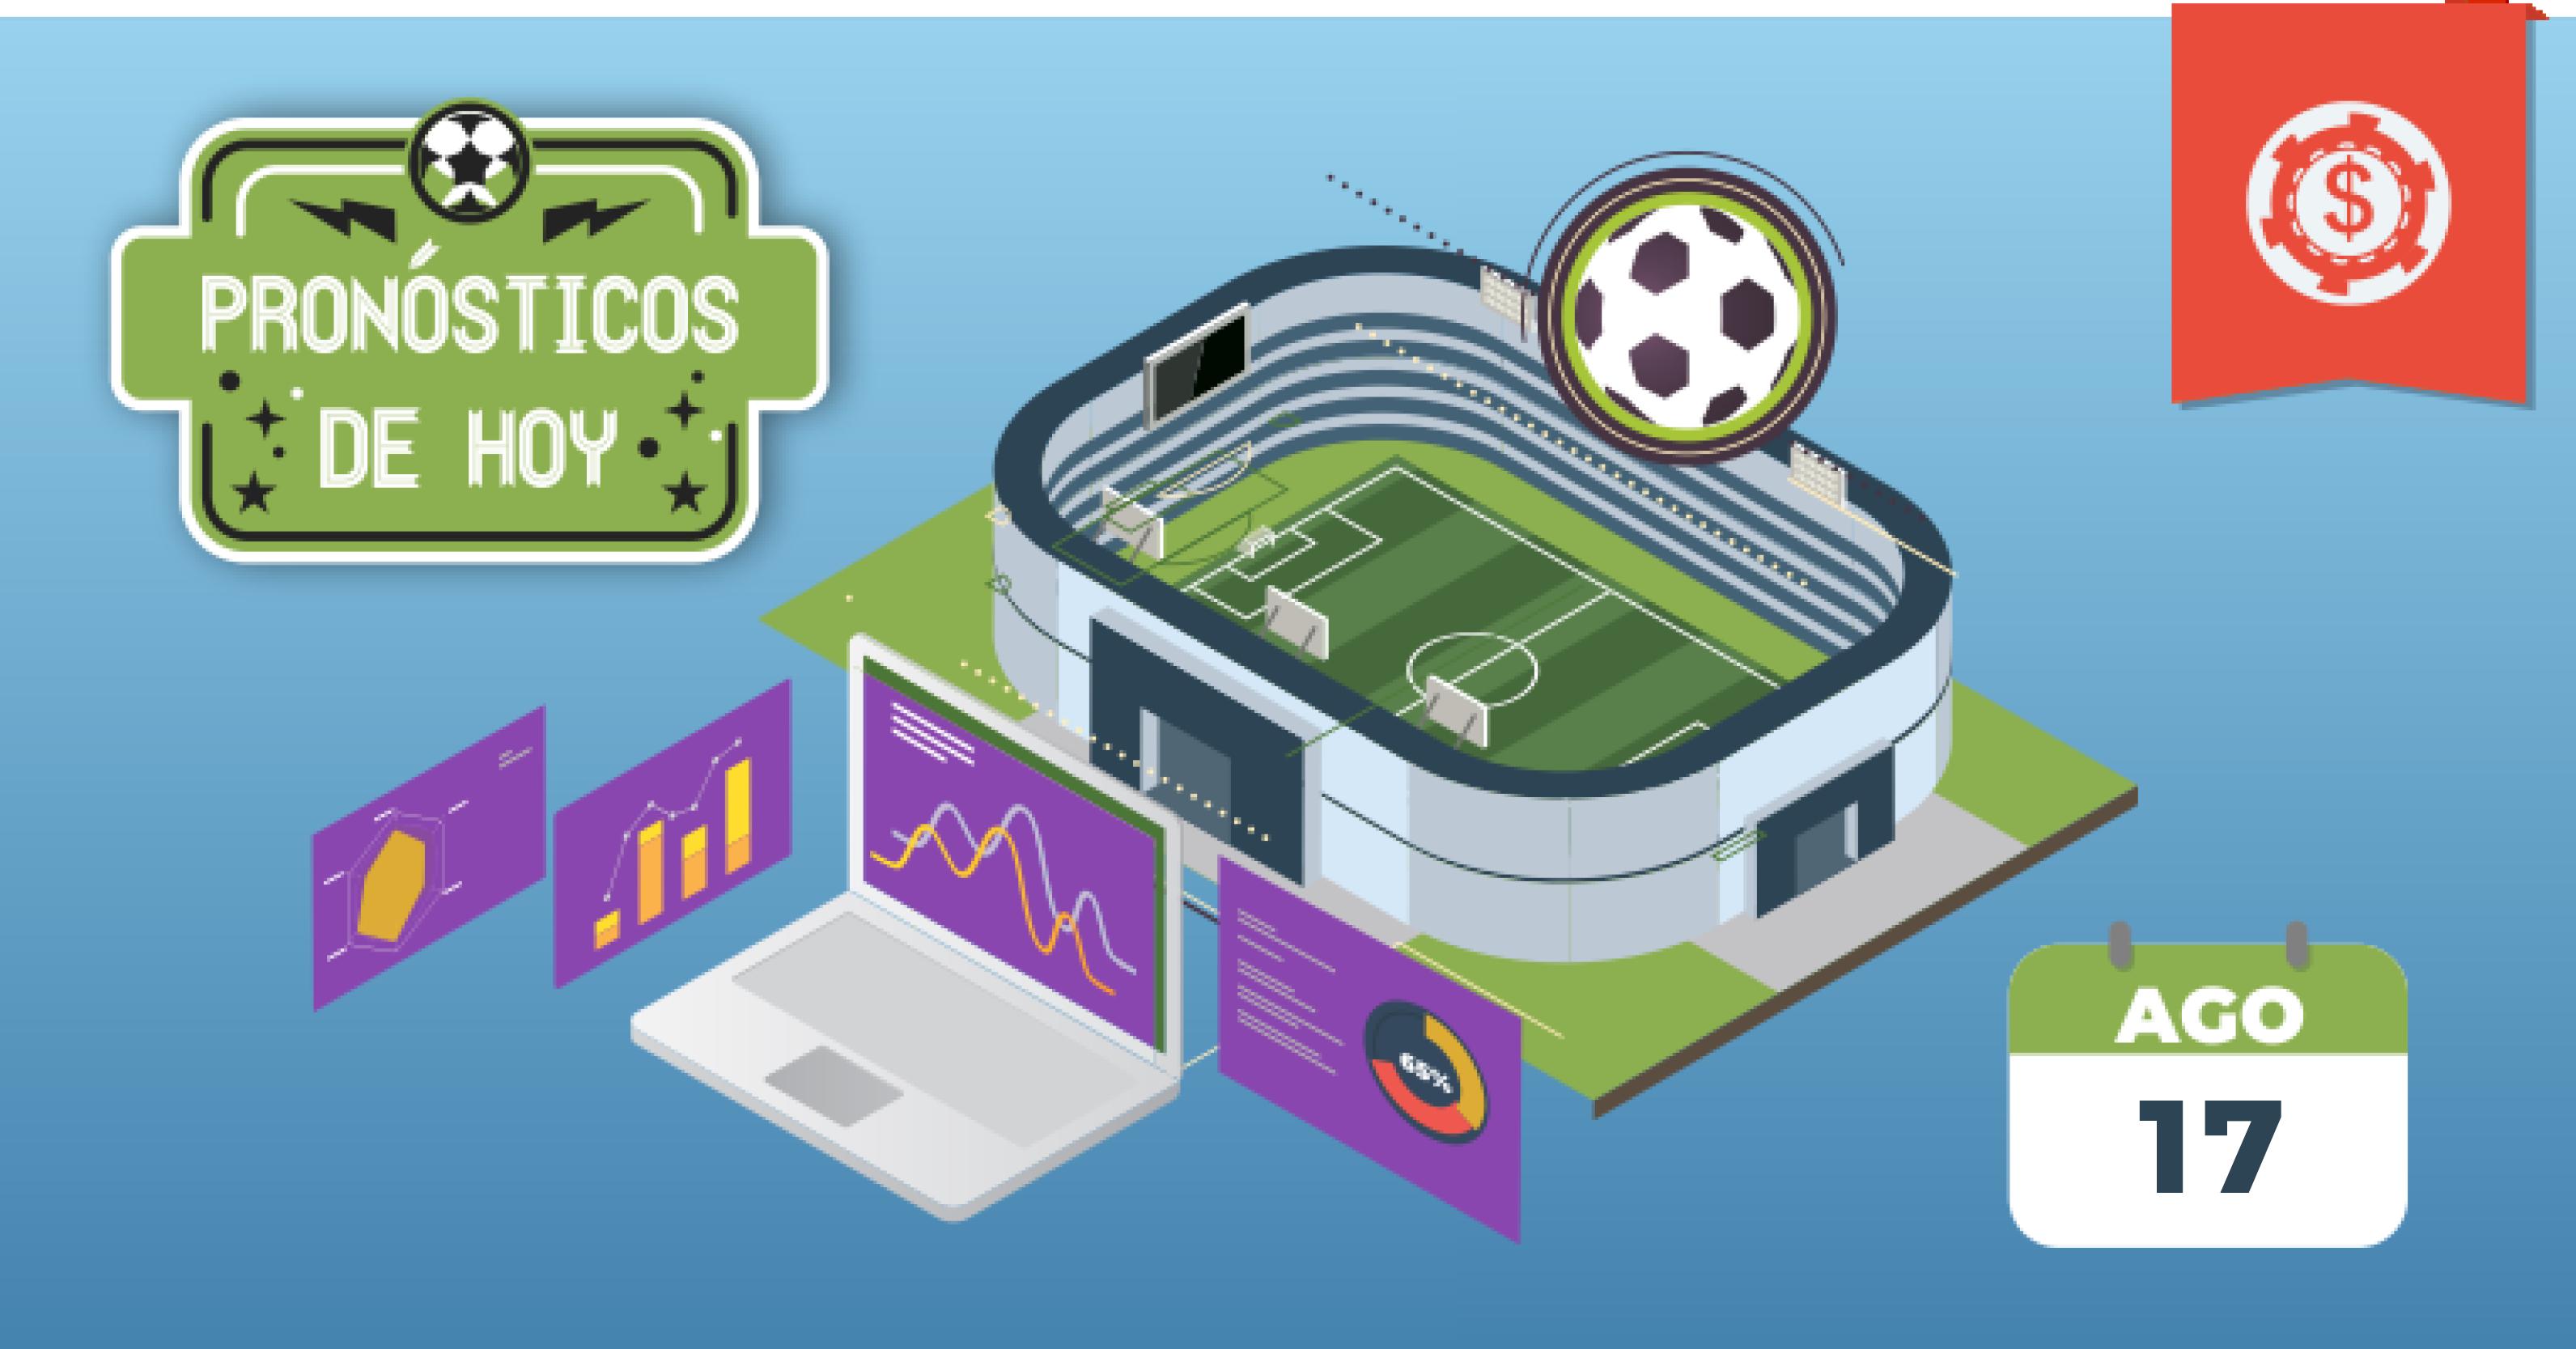 pronosticos-futbol-hoy-predicciones-17-agosto-2019